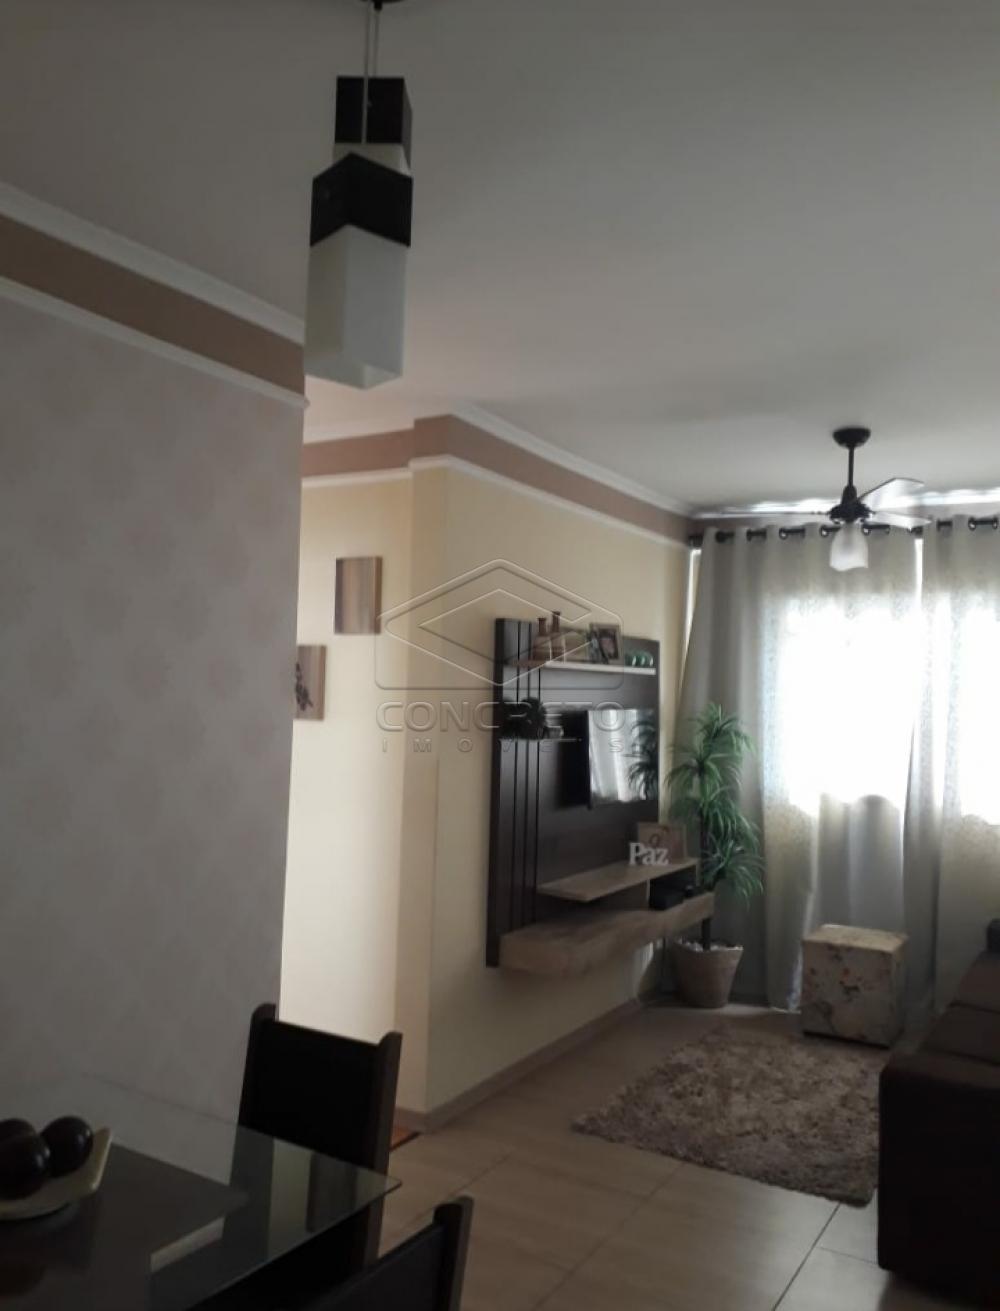 Alugar Apartamento / Padrão em Bauru R$ 600,00 - Foto 4